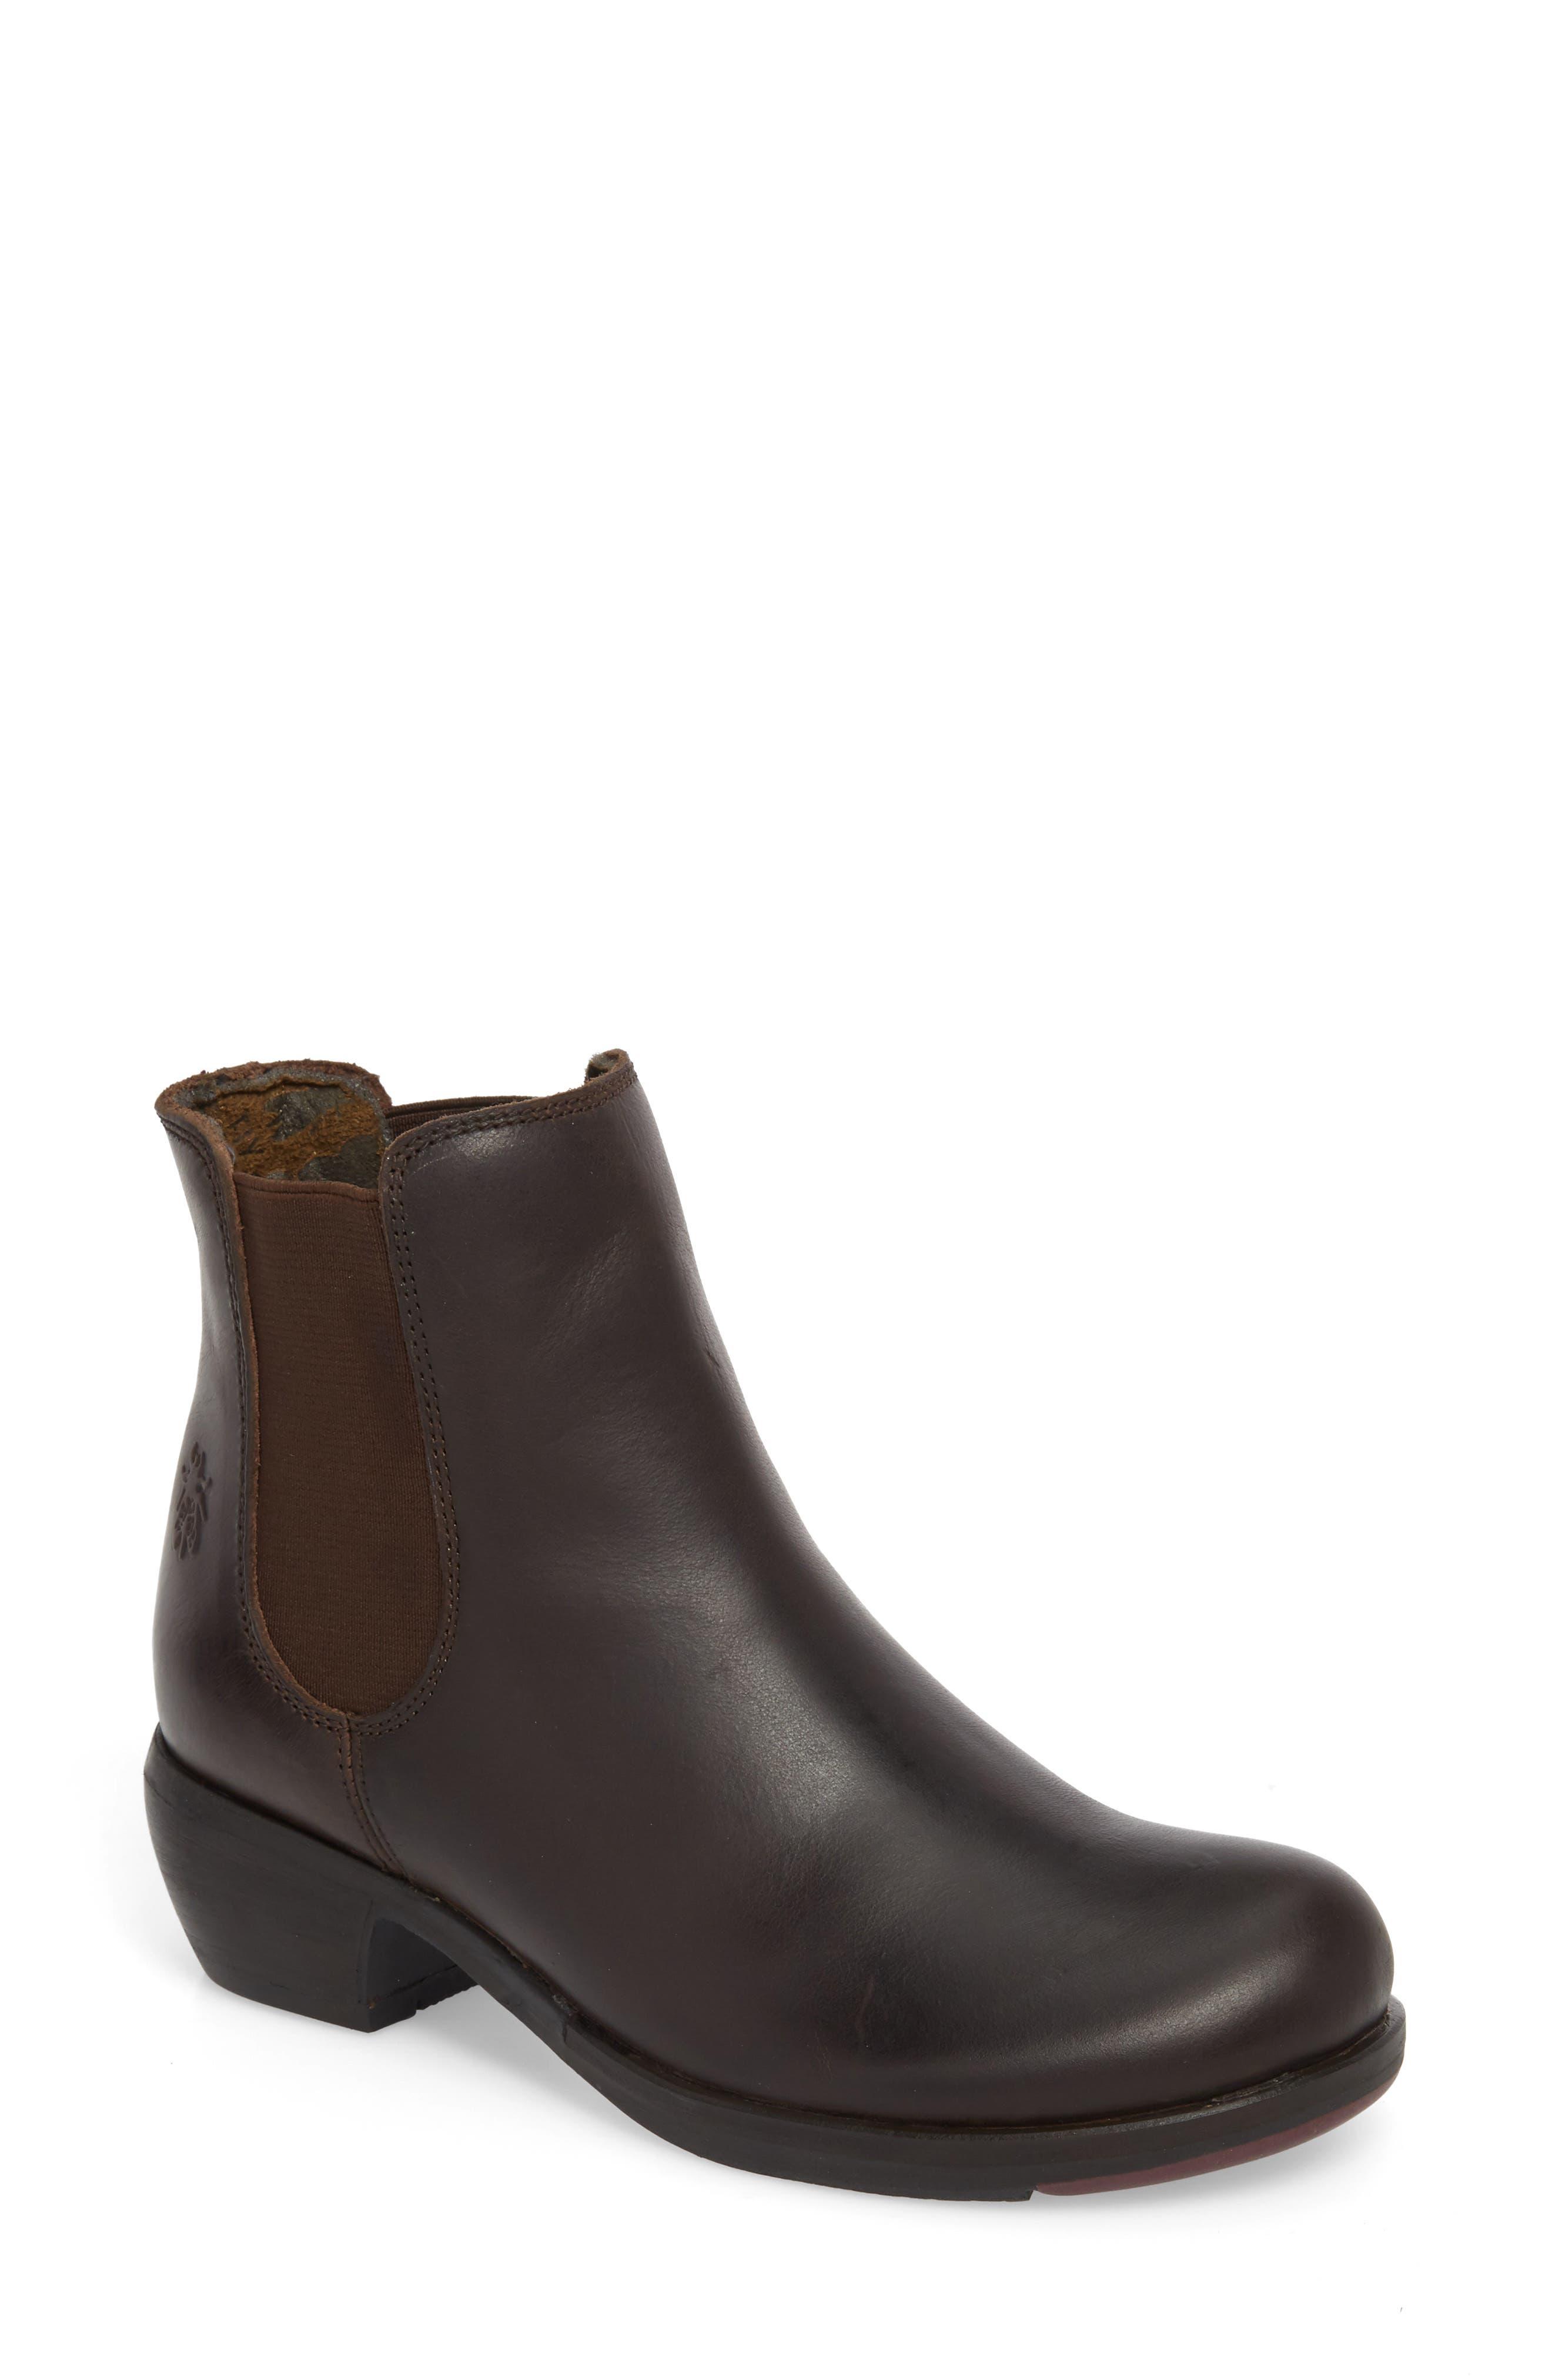 26806956f37 Sale: Women's Boots & Booties | Nordstrom